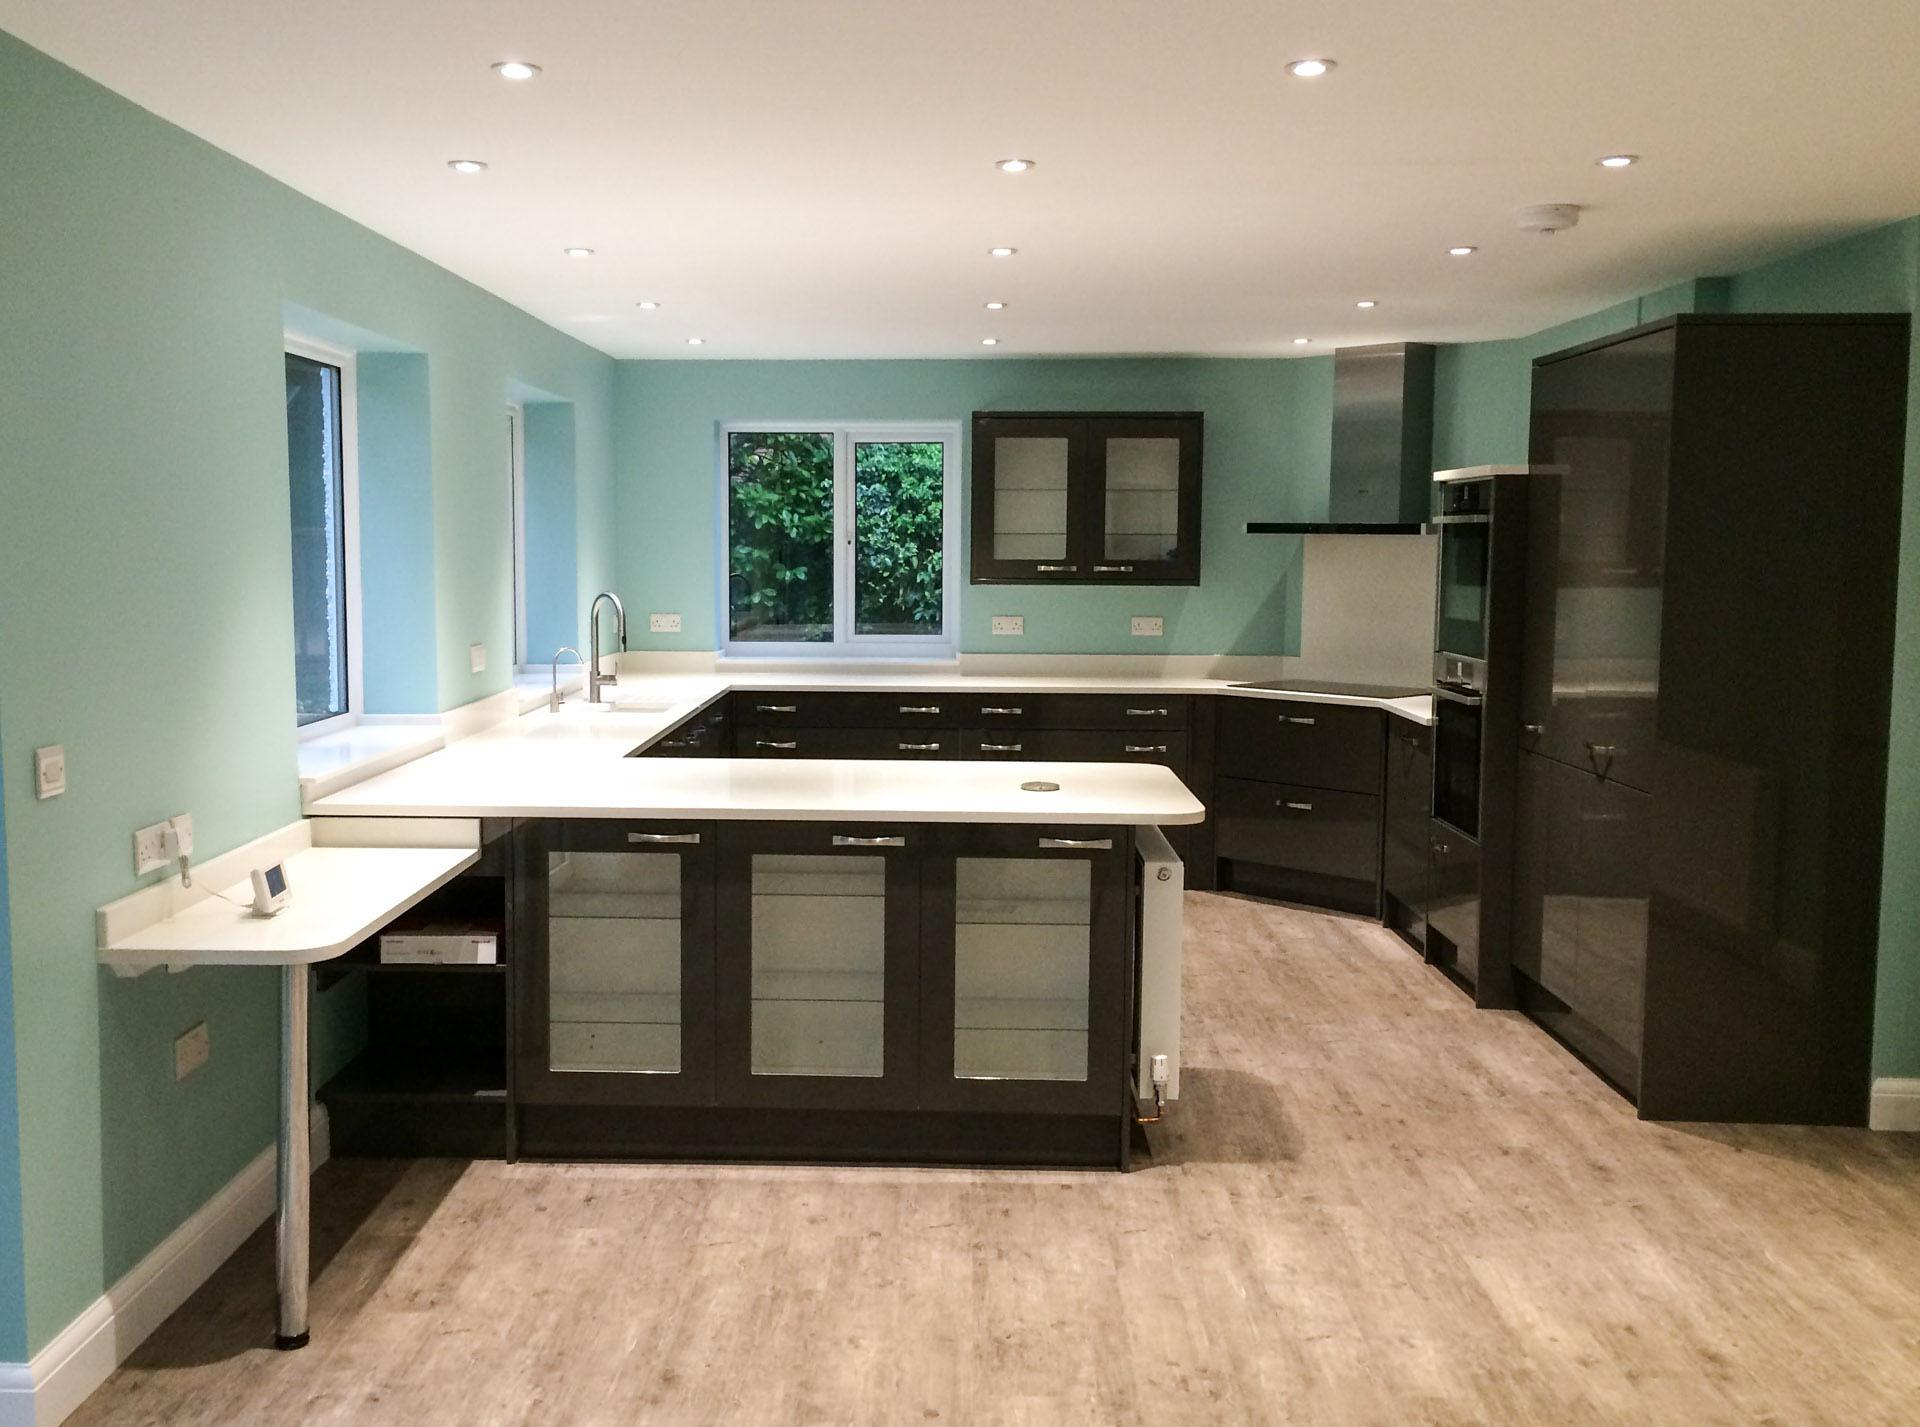 New kitchen in Sevenoaks - Joseph PCL